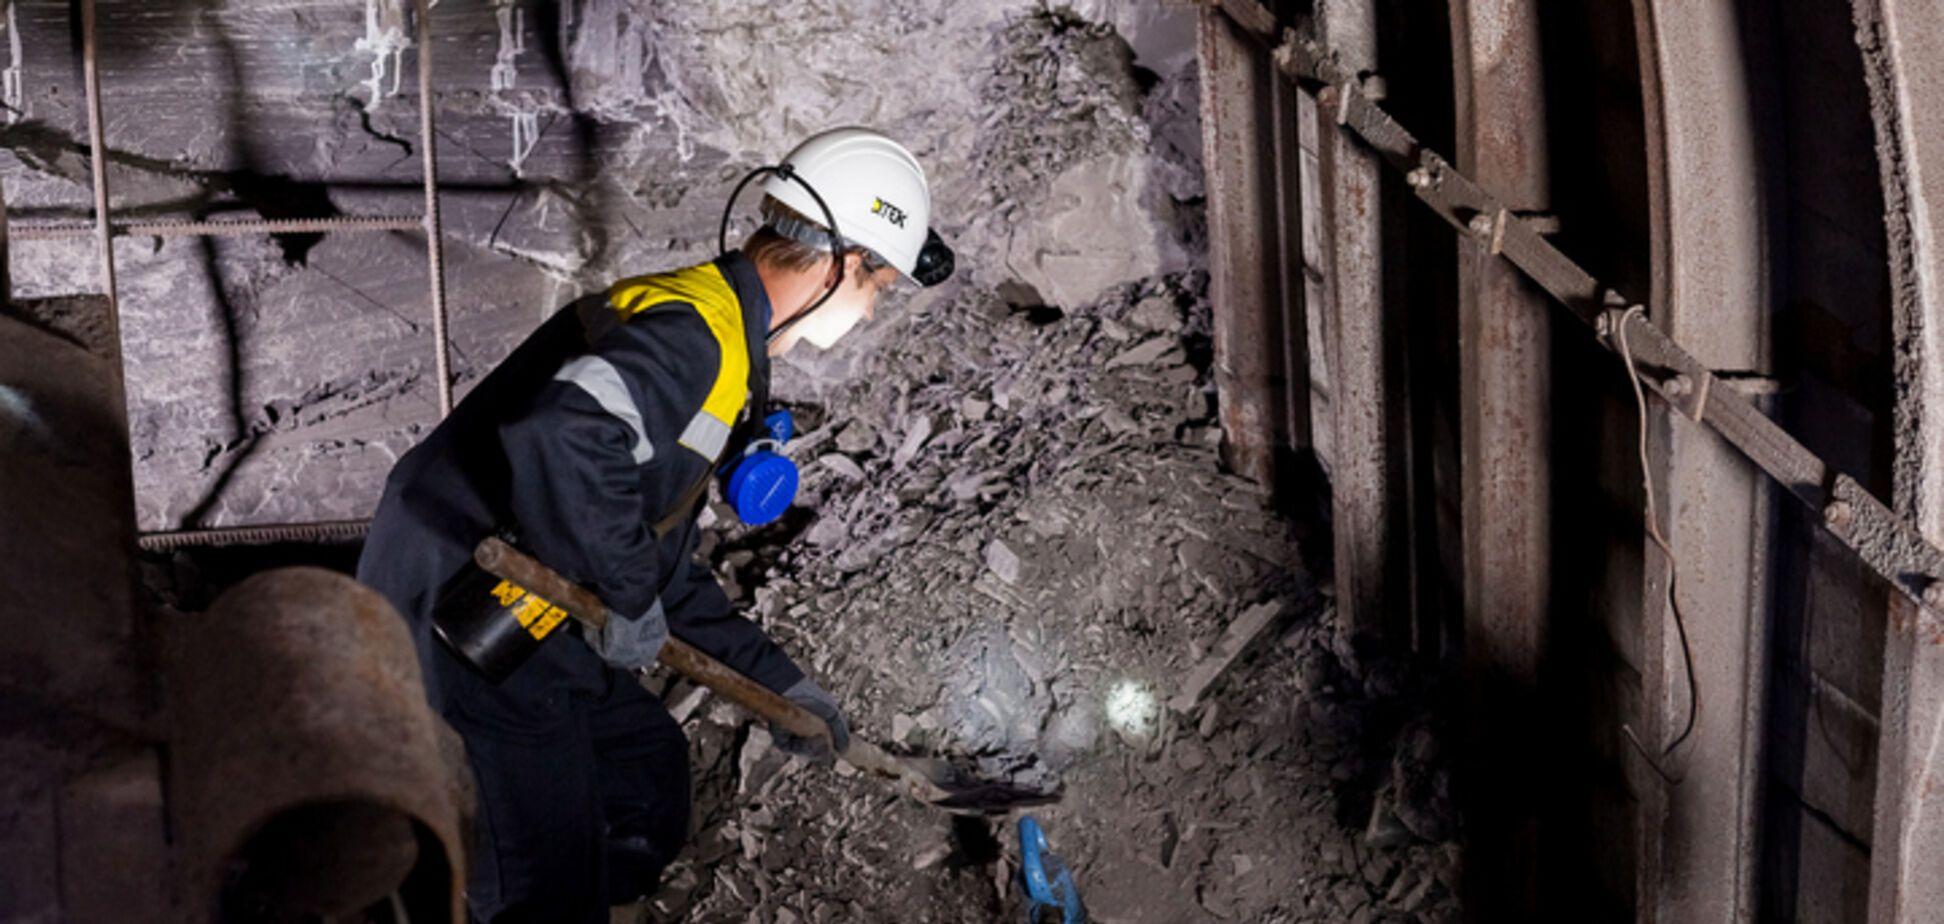 Футболист сборной Украины попробовал добыть уголь, спустившись в шахту: опубликованы фото